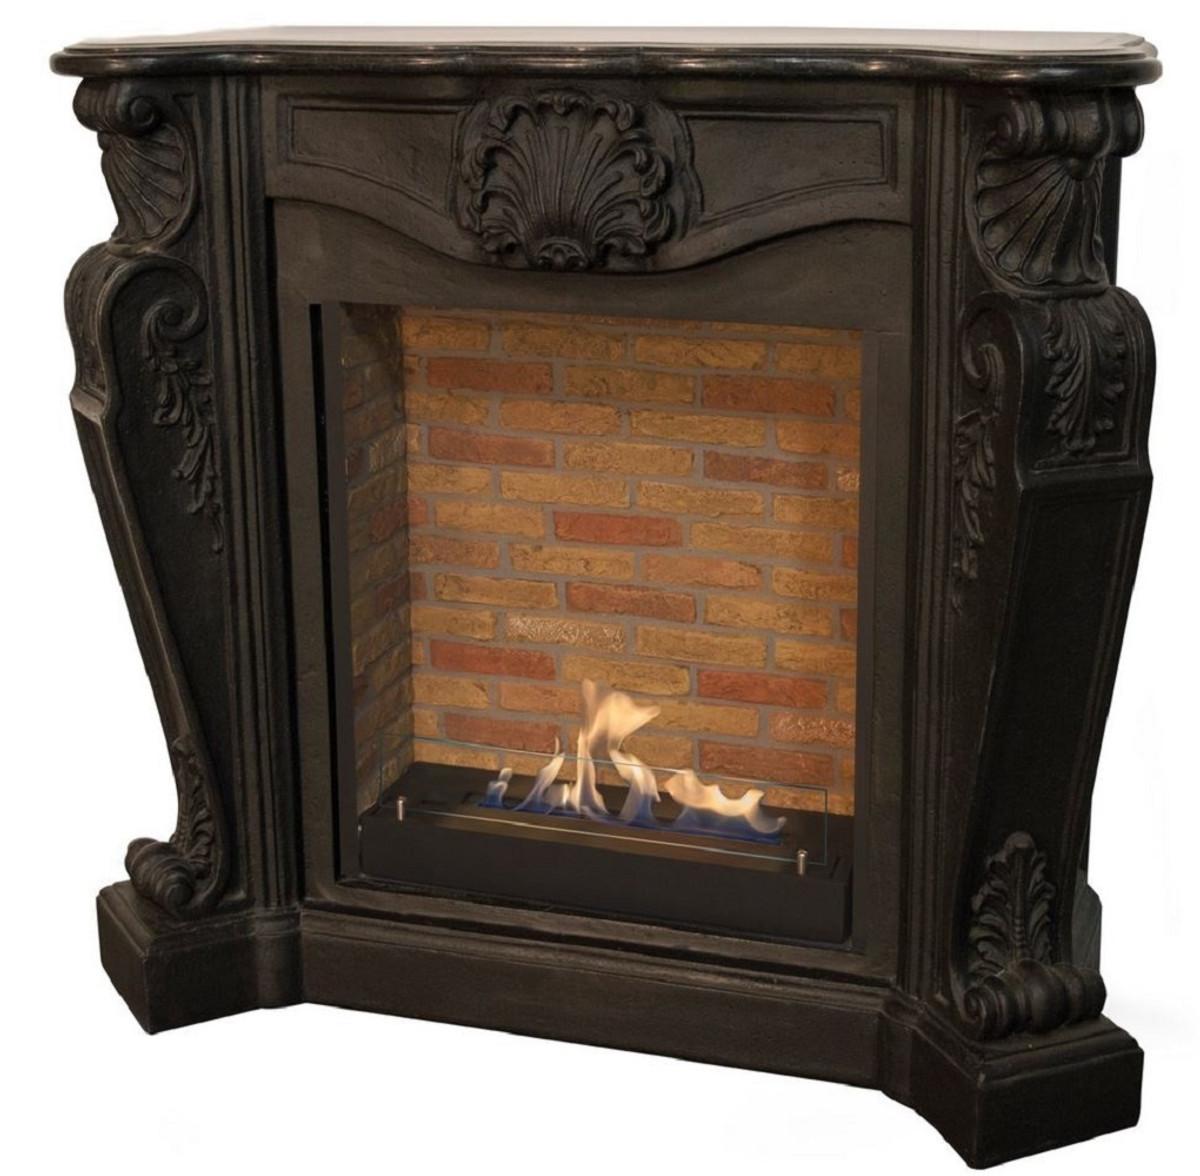 Casa Padrino Jugendstil Kamin mit Biobrenner Schwarz 127,5 x 48,5 x H. 111 cm - Prunkvoller Bioethanolkamin mit edlen Verzierungen und Steindekor - Luxus Qualität 1